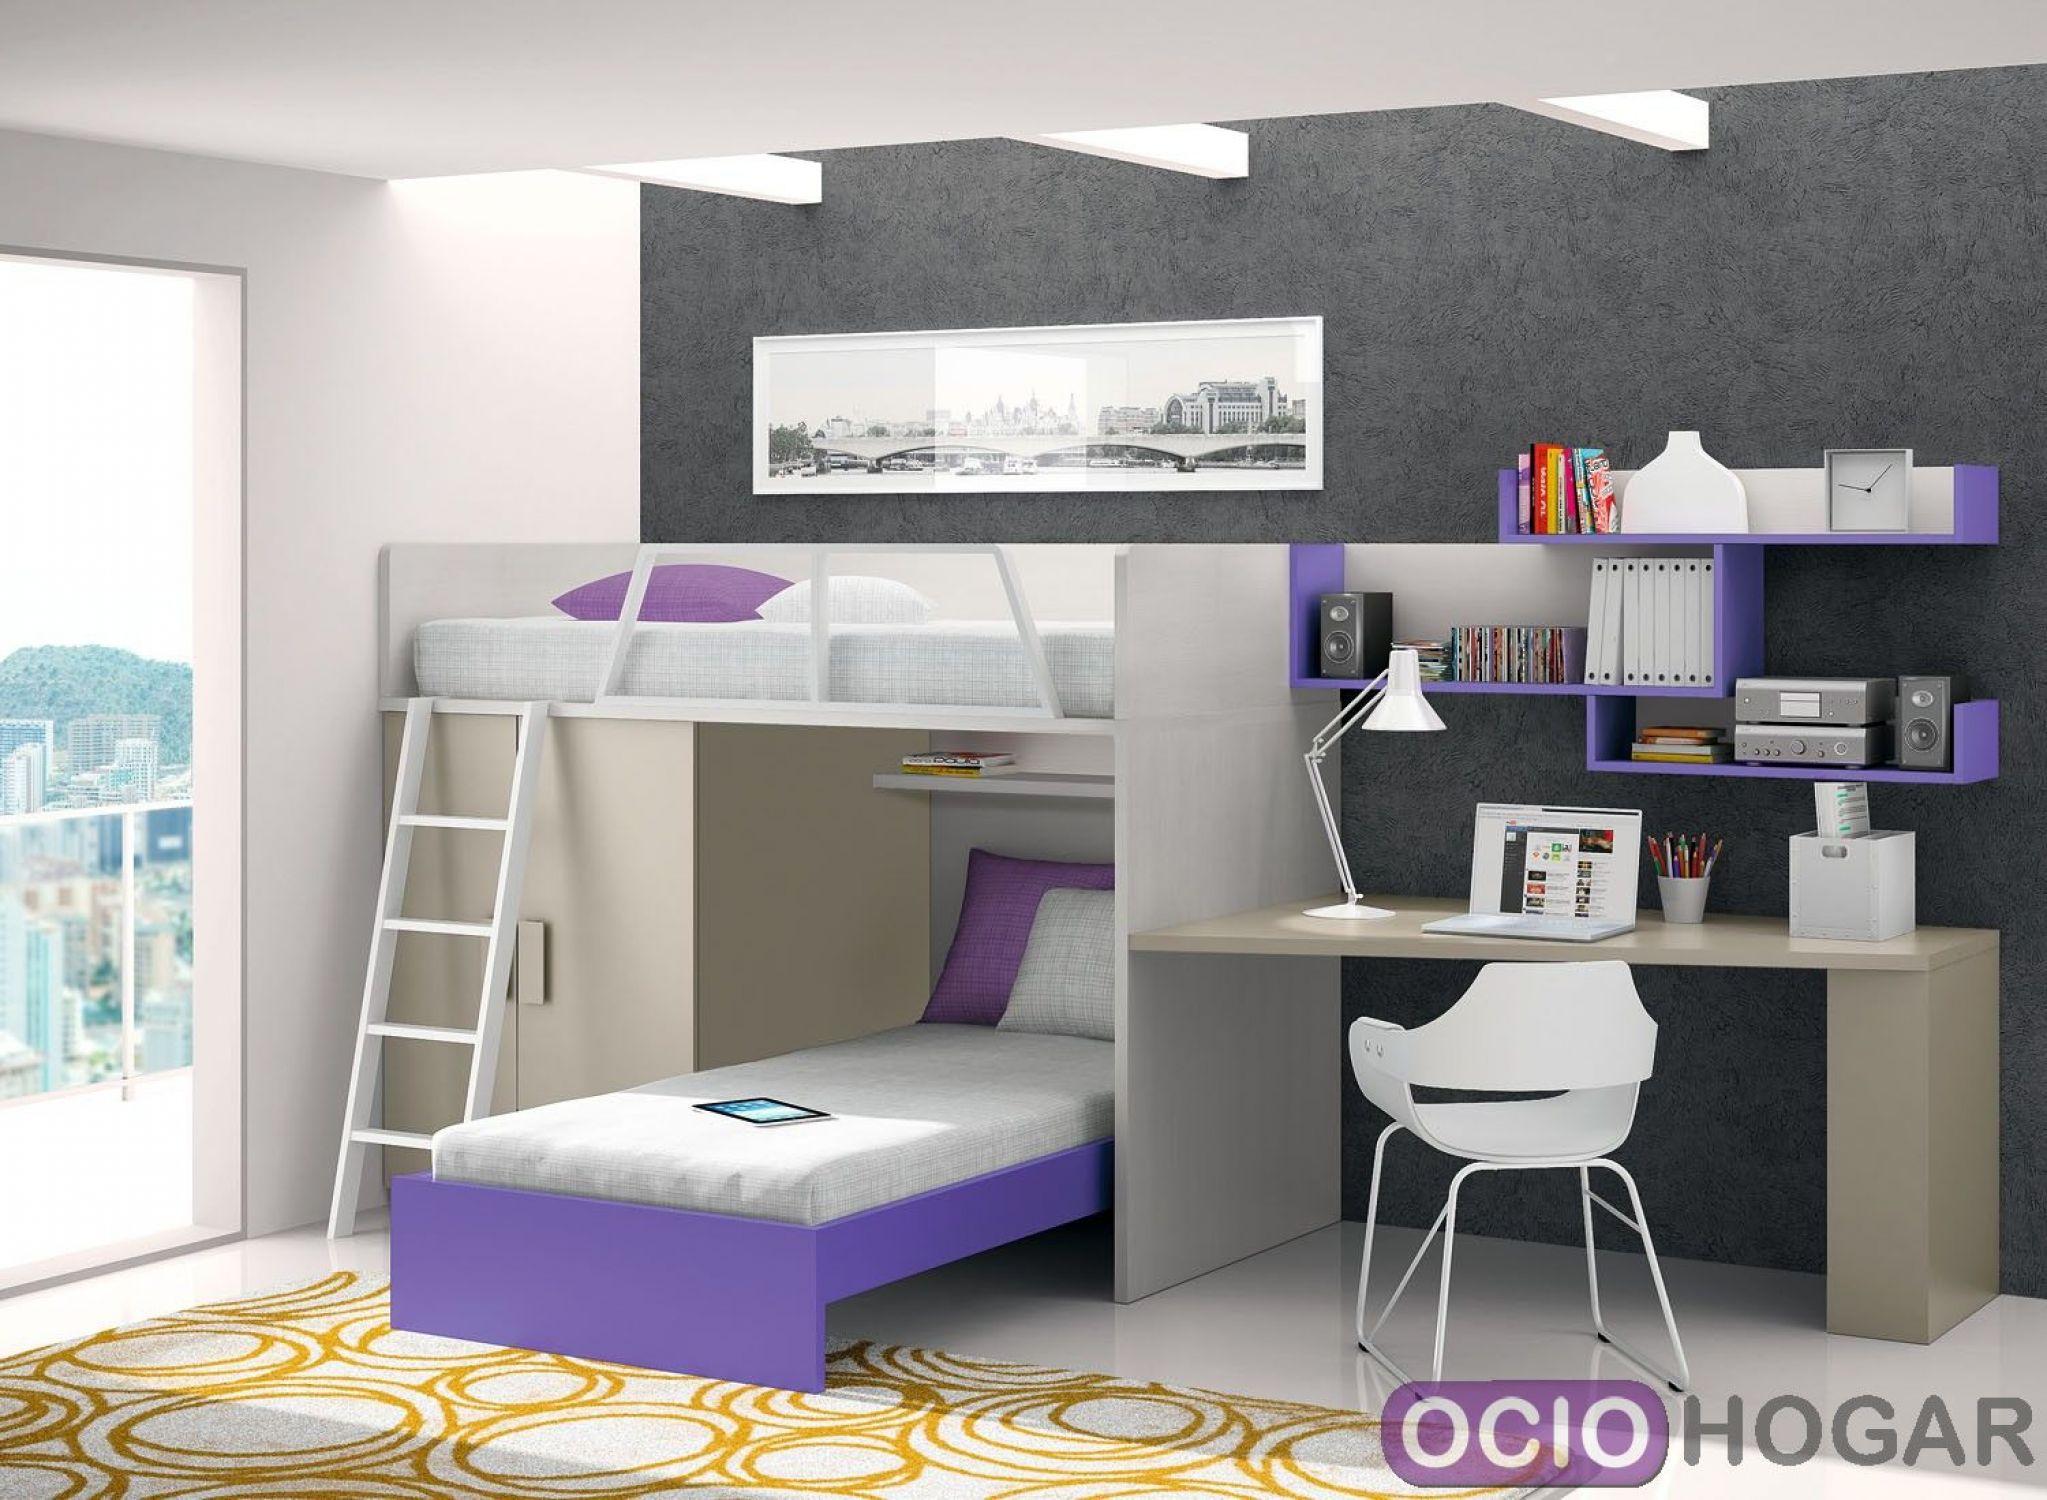 Dormitorio juvenil violet de dissery muebles infantiles for Muebles dormitorio infantil juvenil